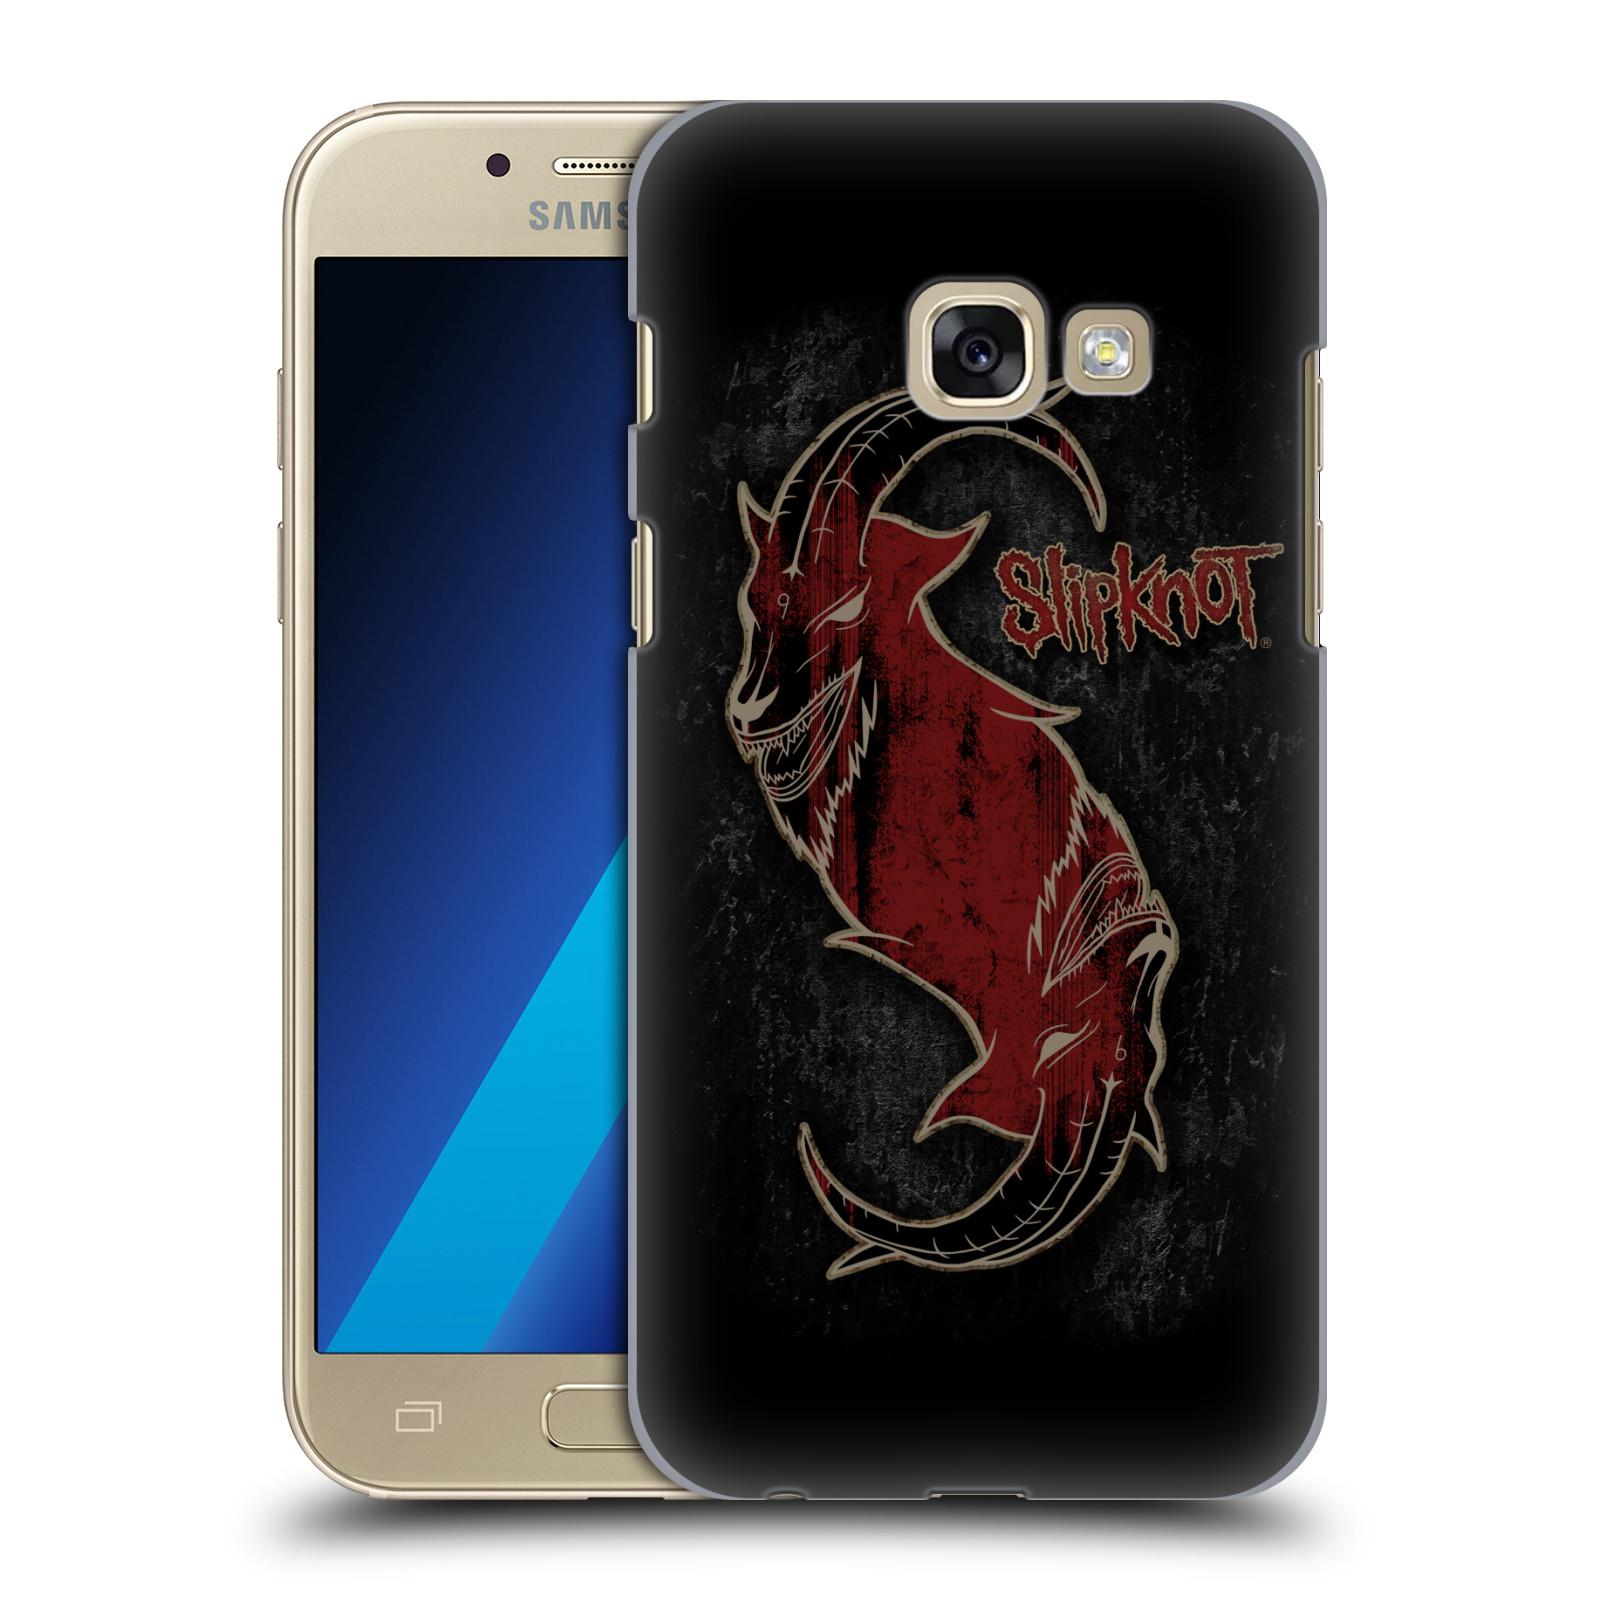 Plastové pouzdro na mobil Samsung Galaxy A3 (2017) HEAD CASE Slipknot - Rudý kozel